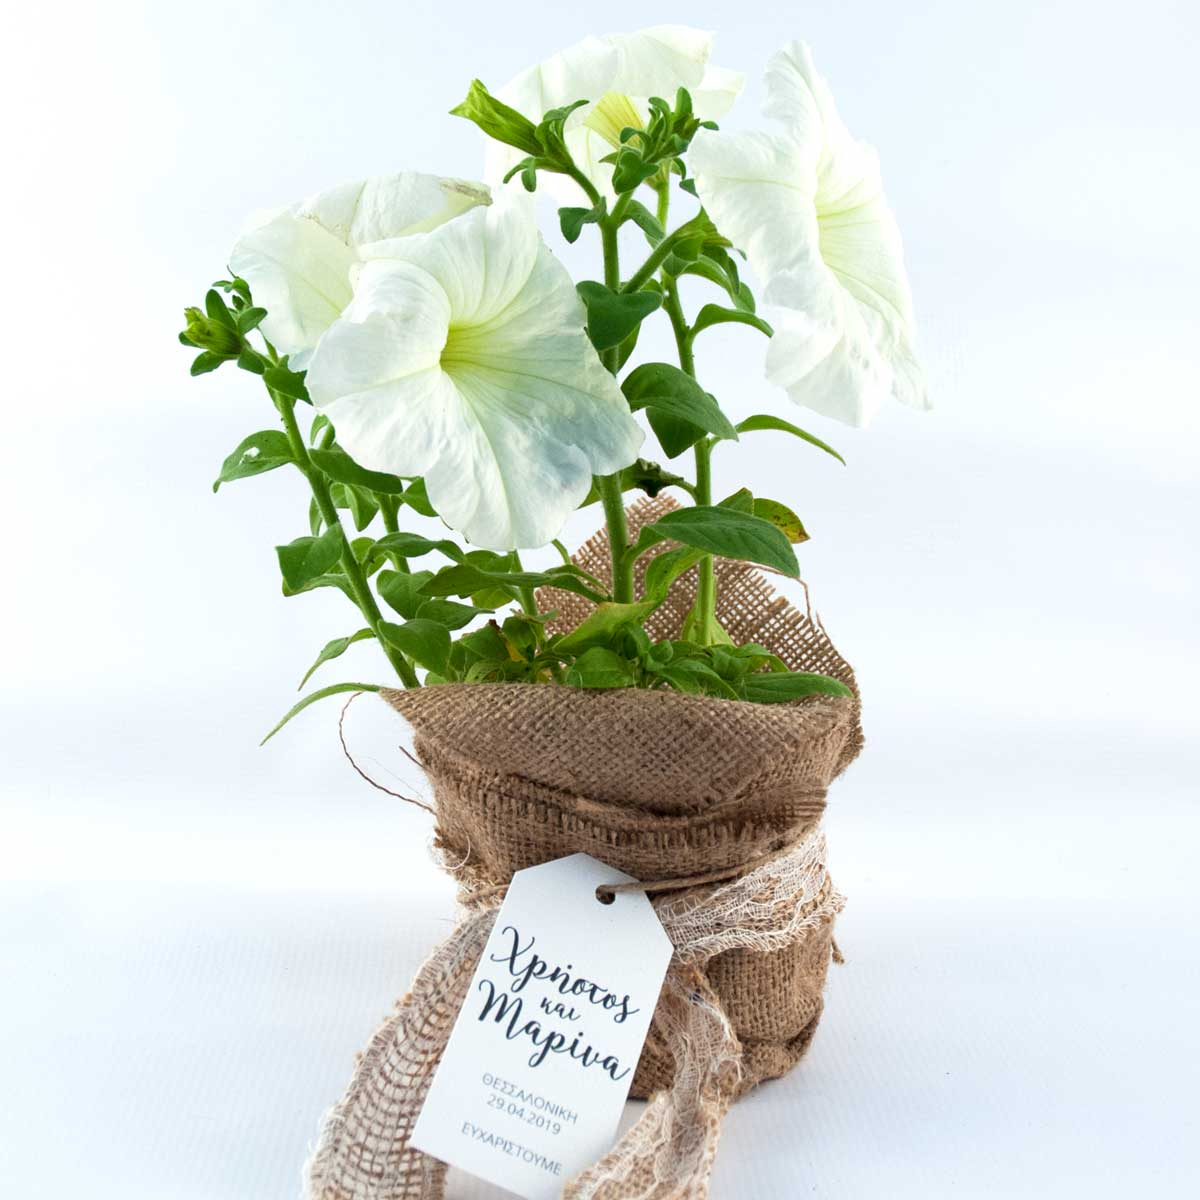 Φυτό σε τσουβαλάκι